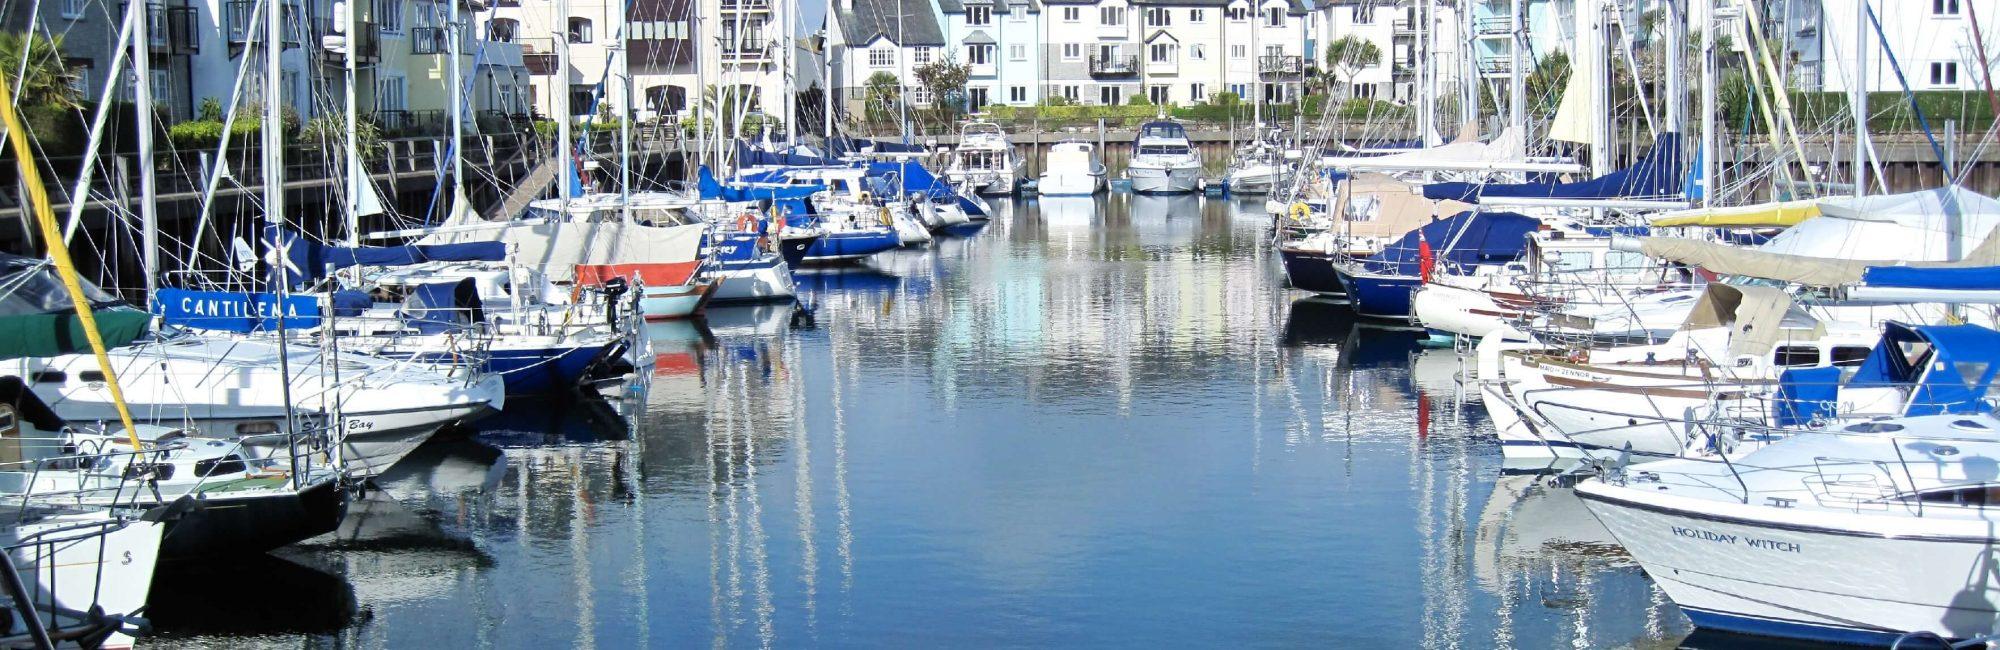 anchorage-port-pendennis